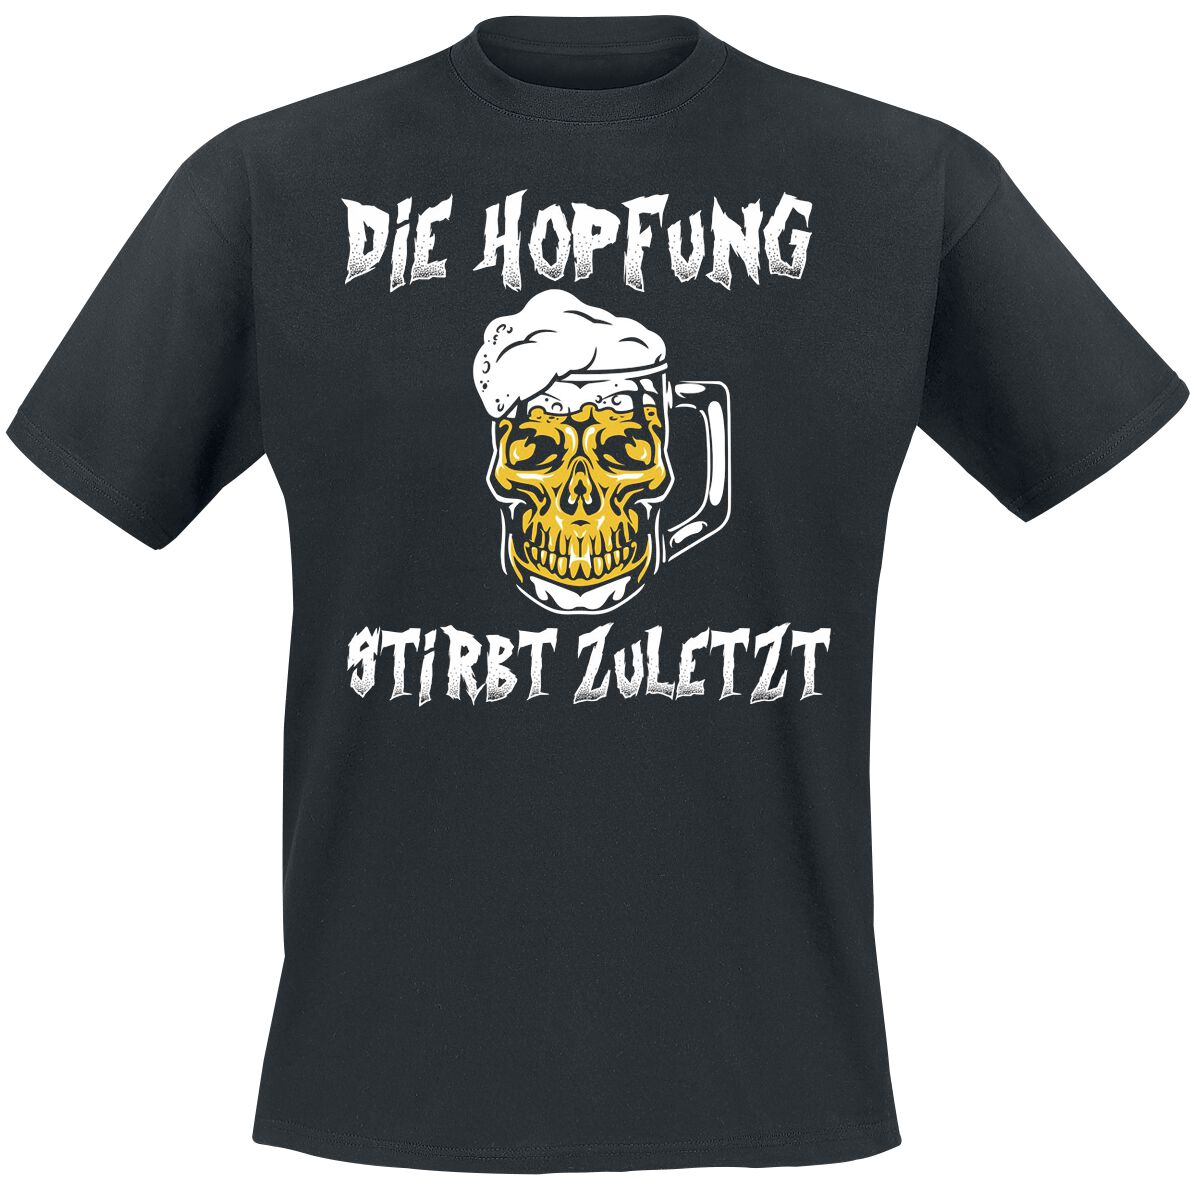 Die Hopfung stirbt zuletzt T-Shirt schwarz POD - Gildan Softstyle - 5408